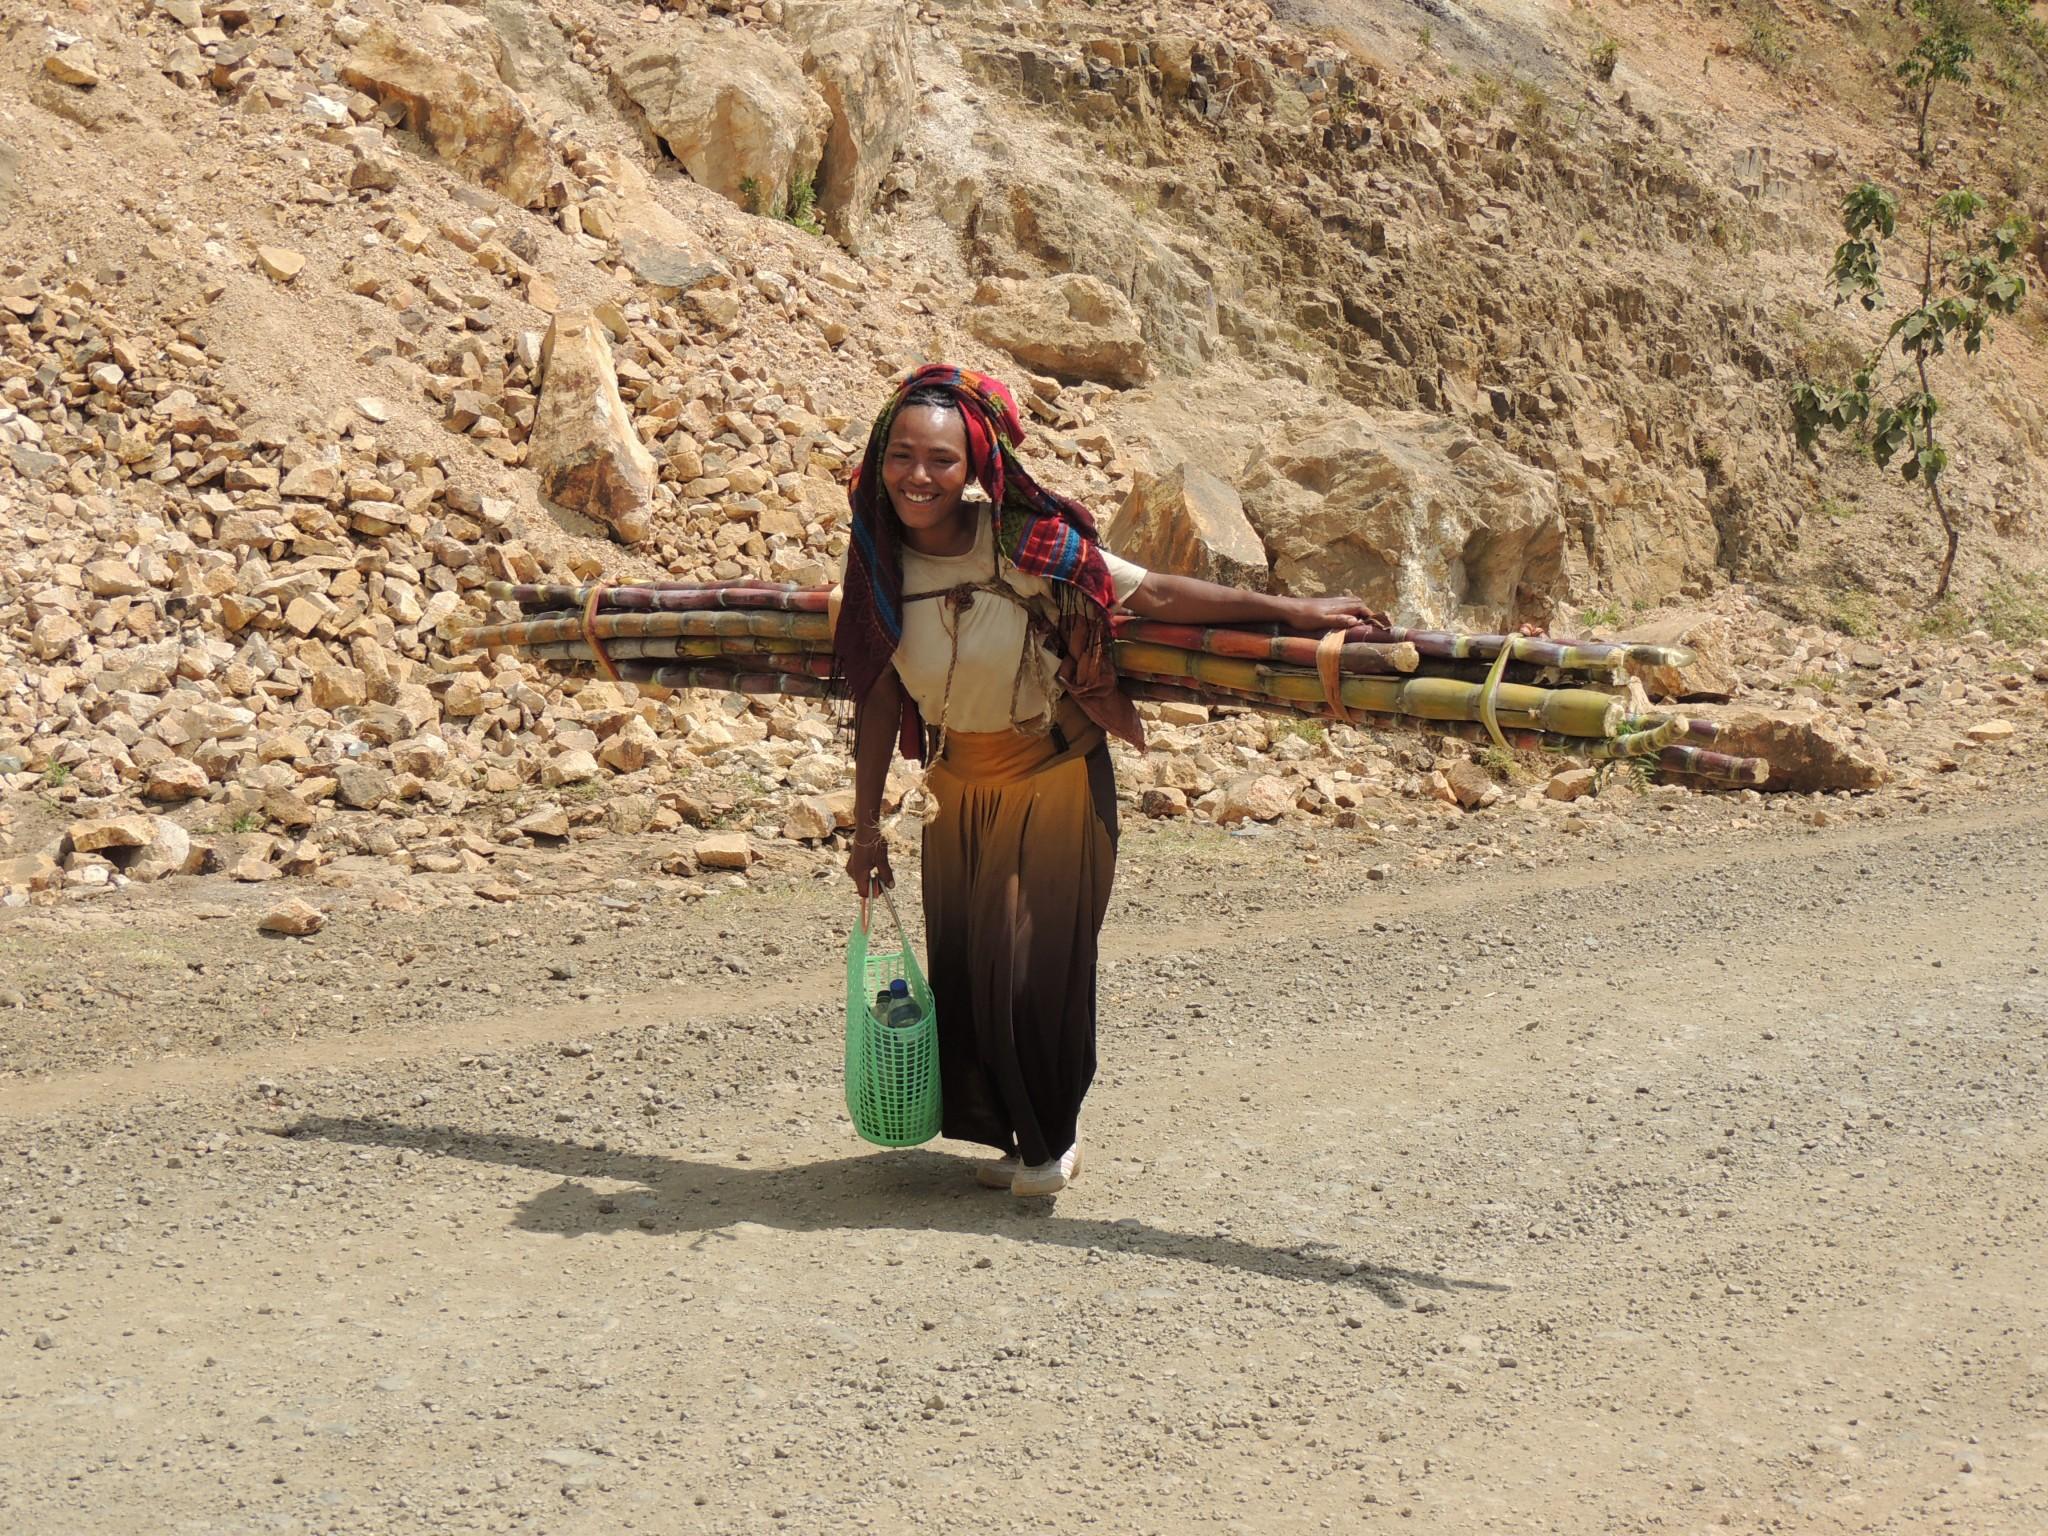 Groepsreis Ethiopië, een land met cultuur, natuur en unieke volkeren5